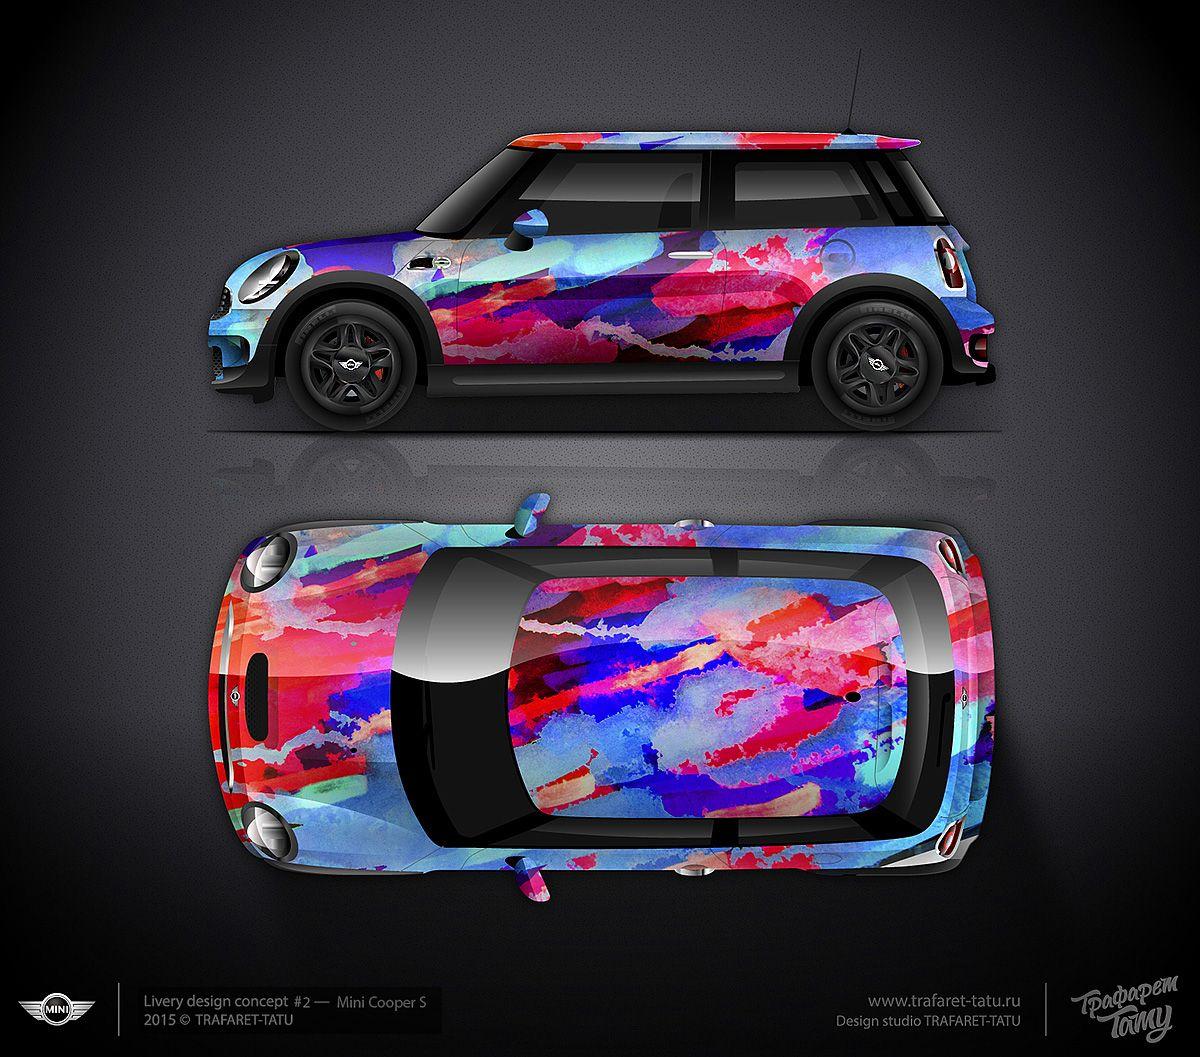 Design consept 2 mini cooper s for sale wrappingmini